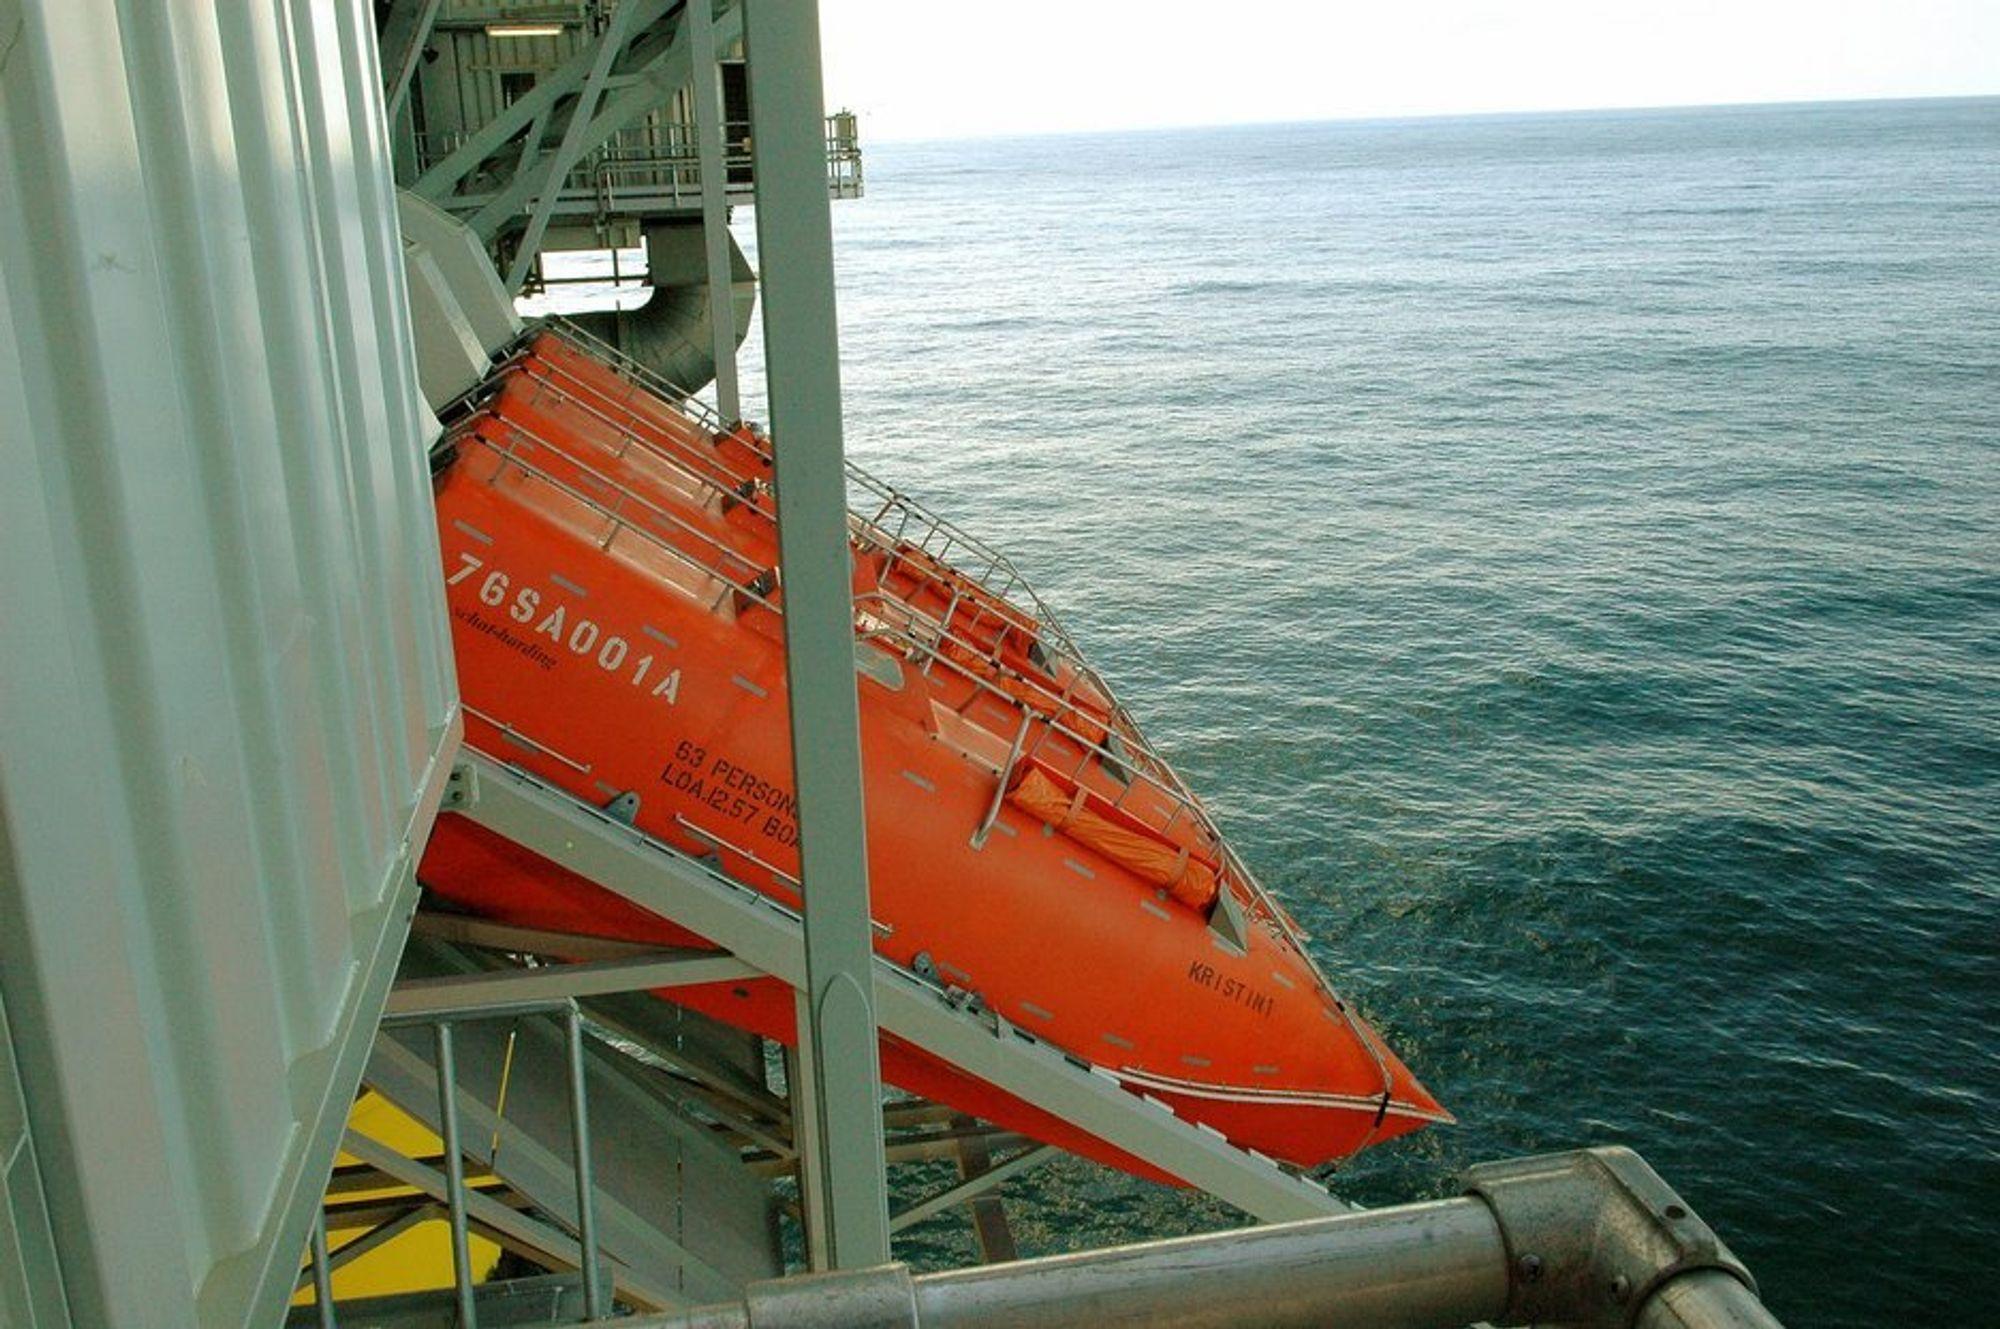 Livbåtene på Kristin og Veslefrikk-plattformene løste seg ikke ut som planlagt. Det skal Petroleumstilsynet nå granske.